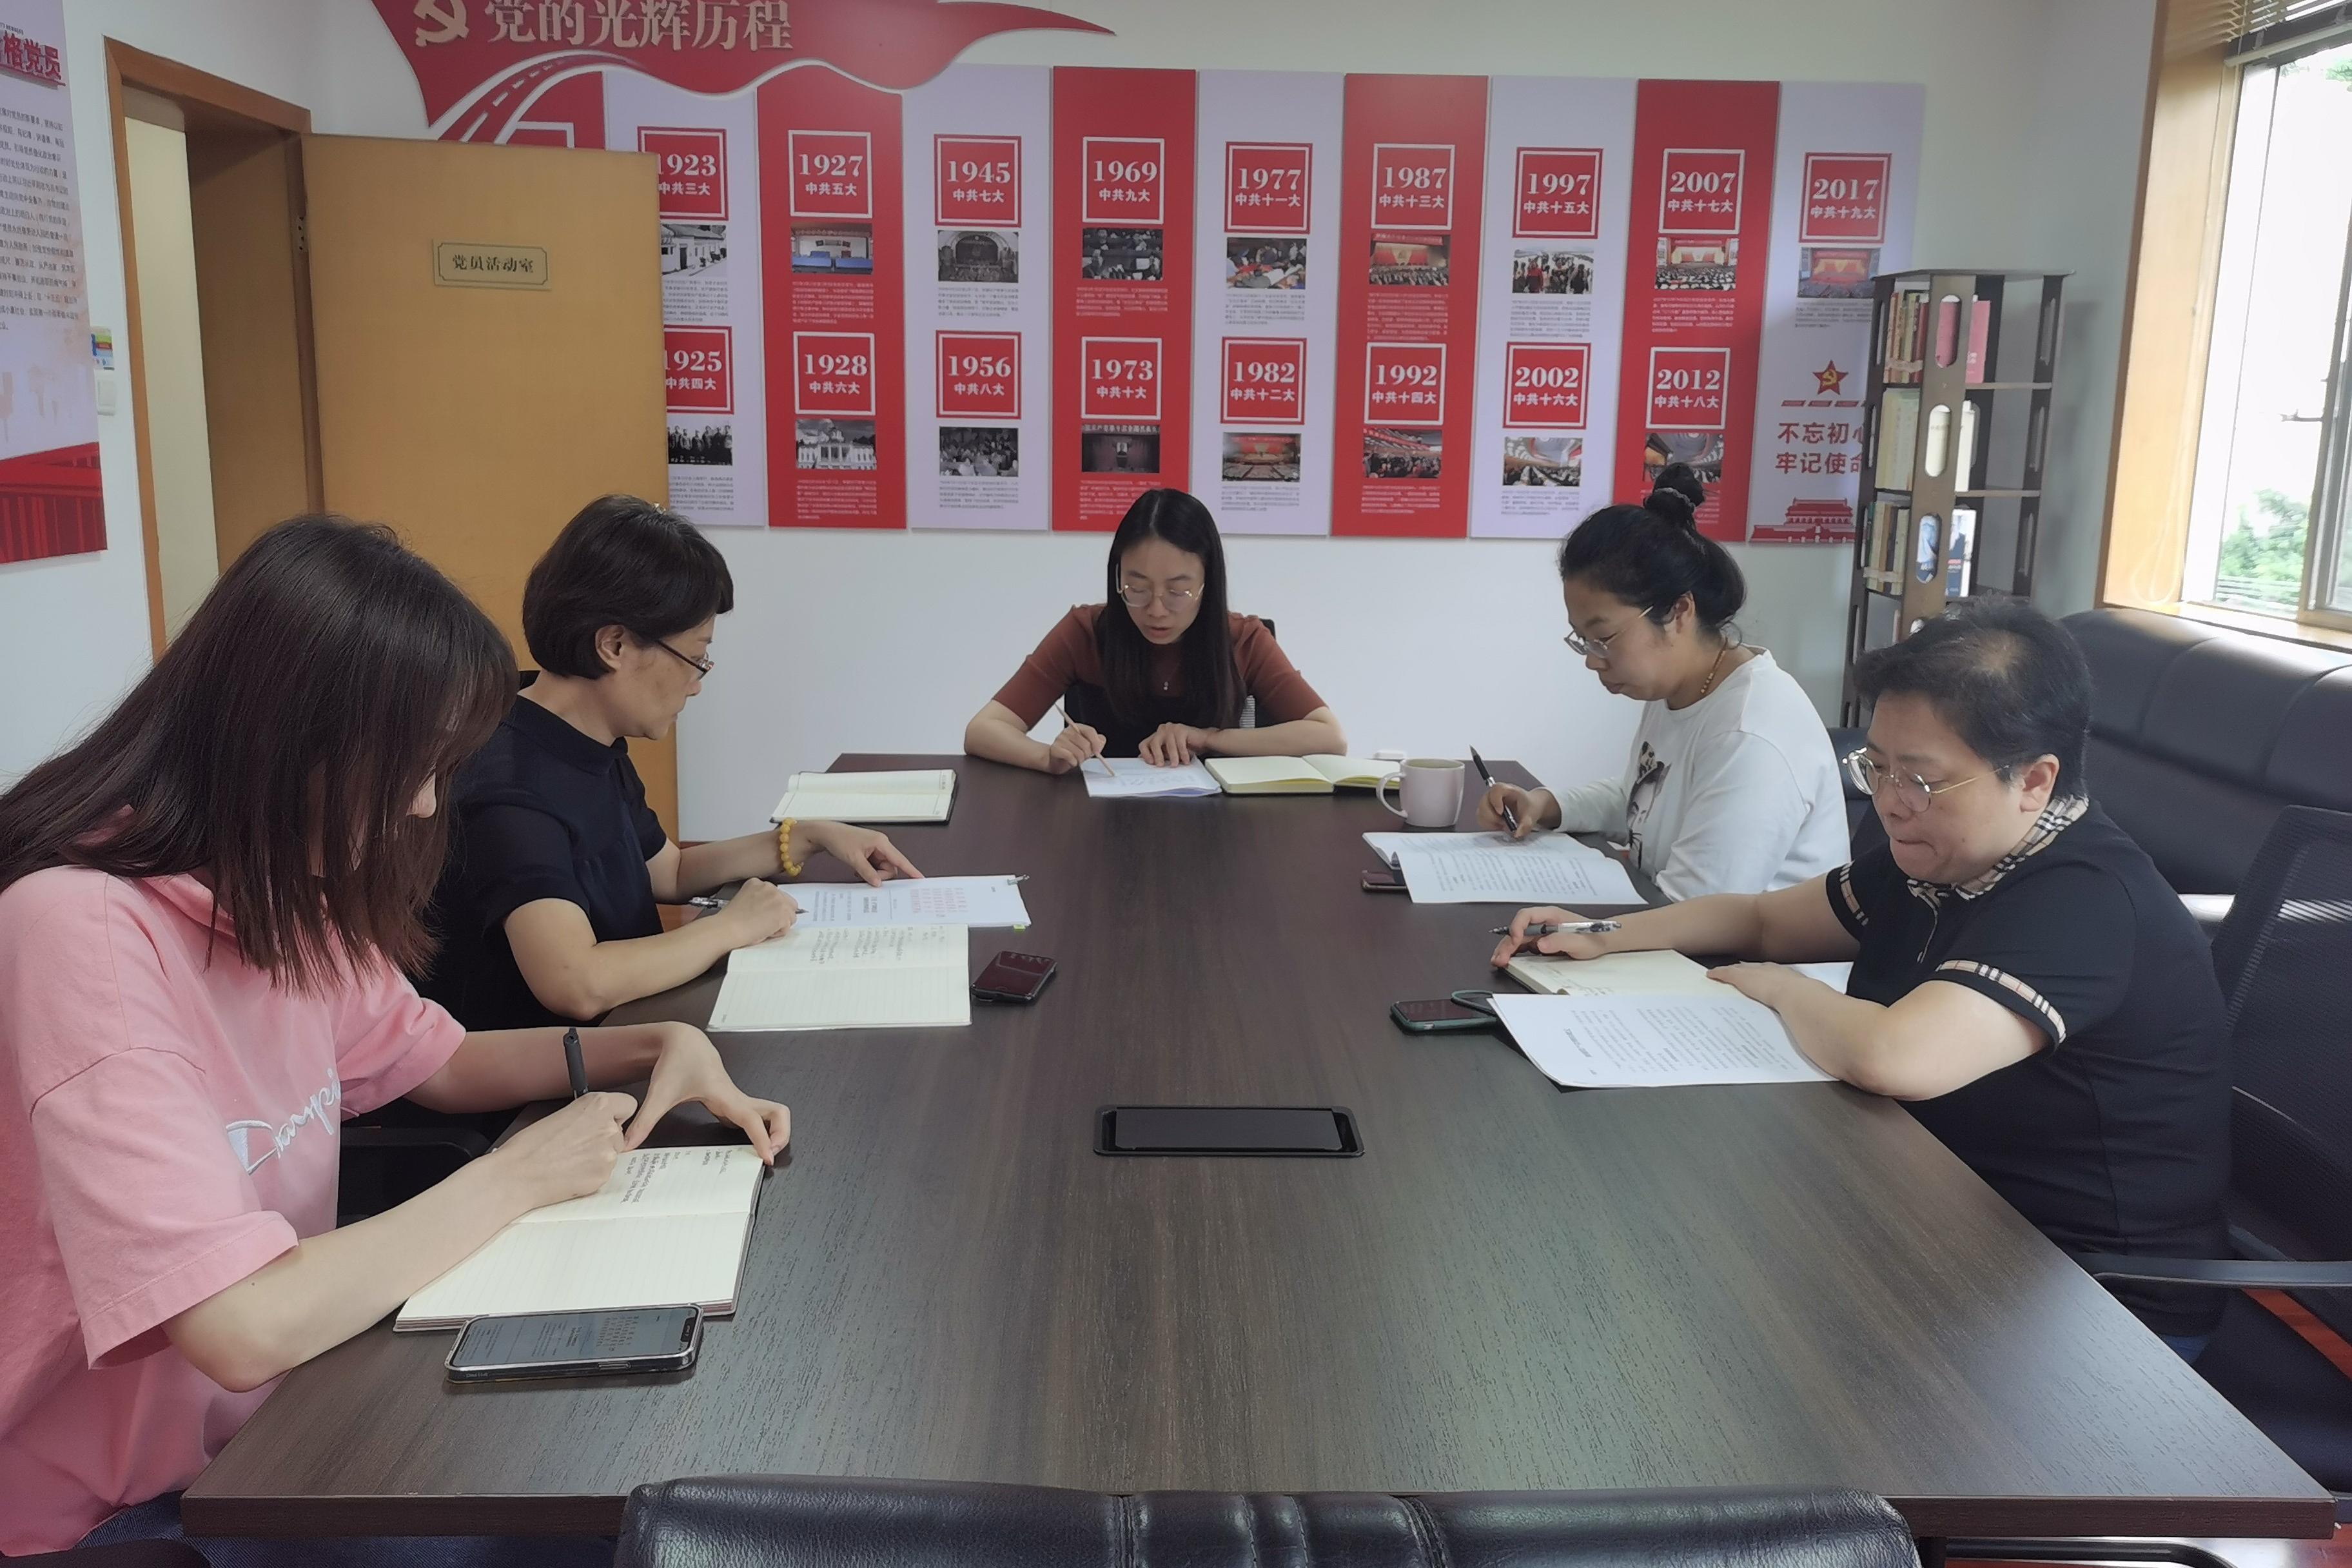 四川省交通运输发展战略和规划科学研究院新闻图片